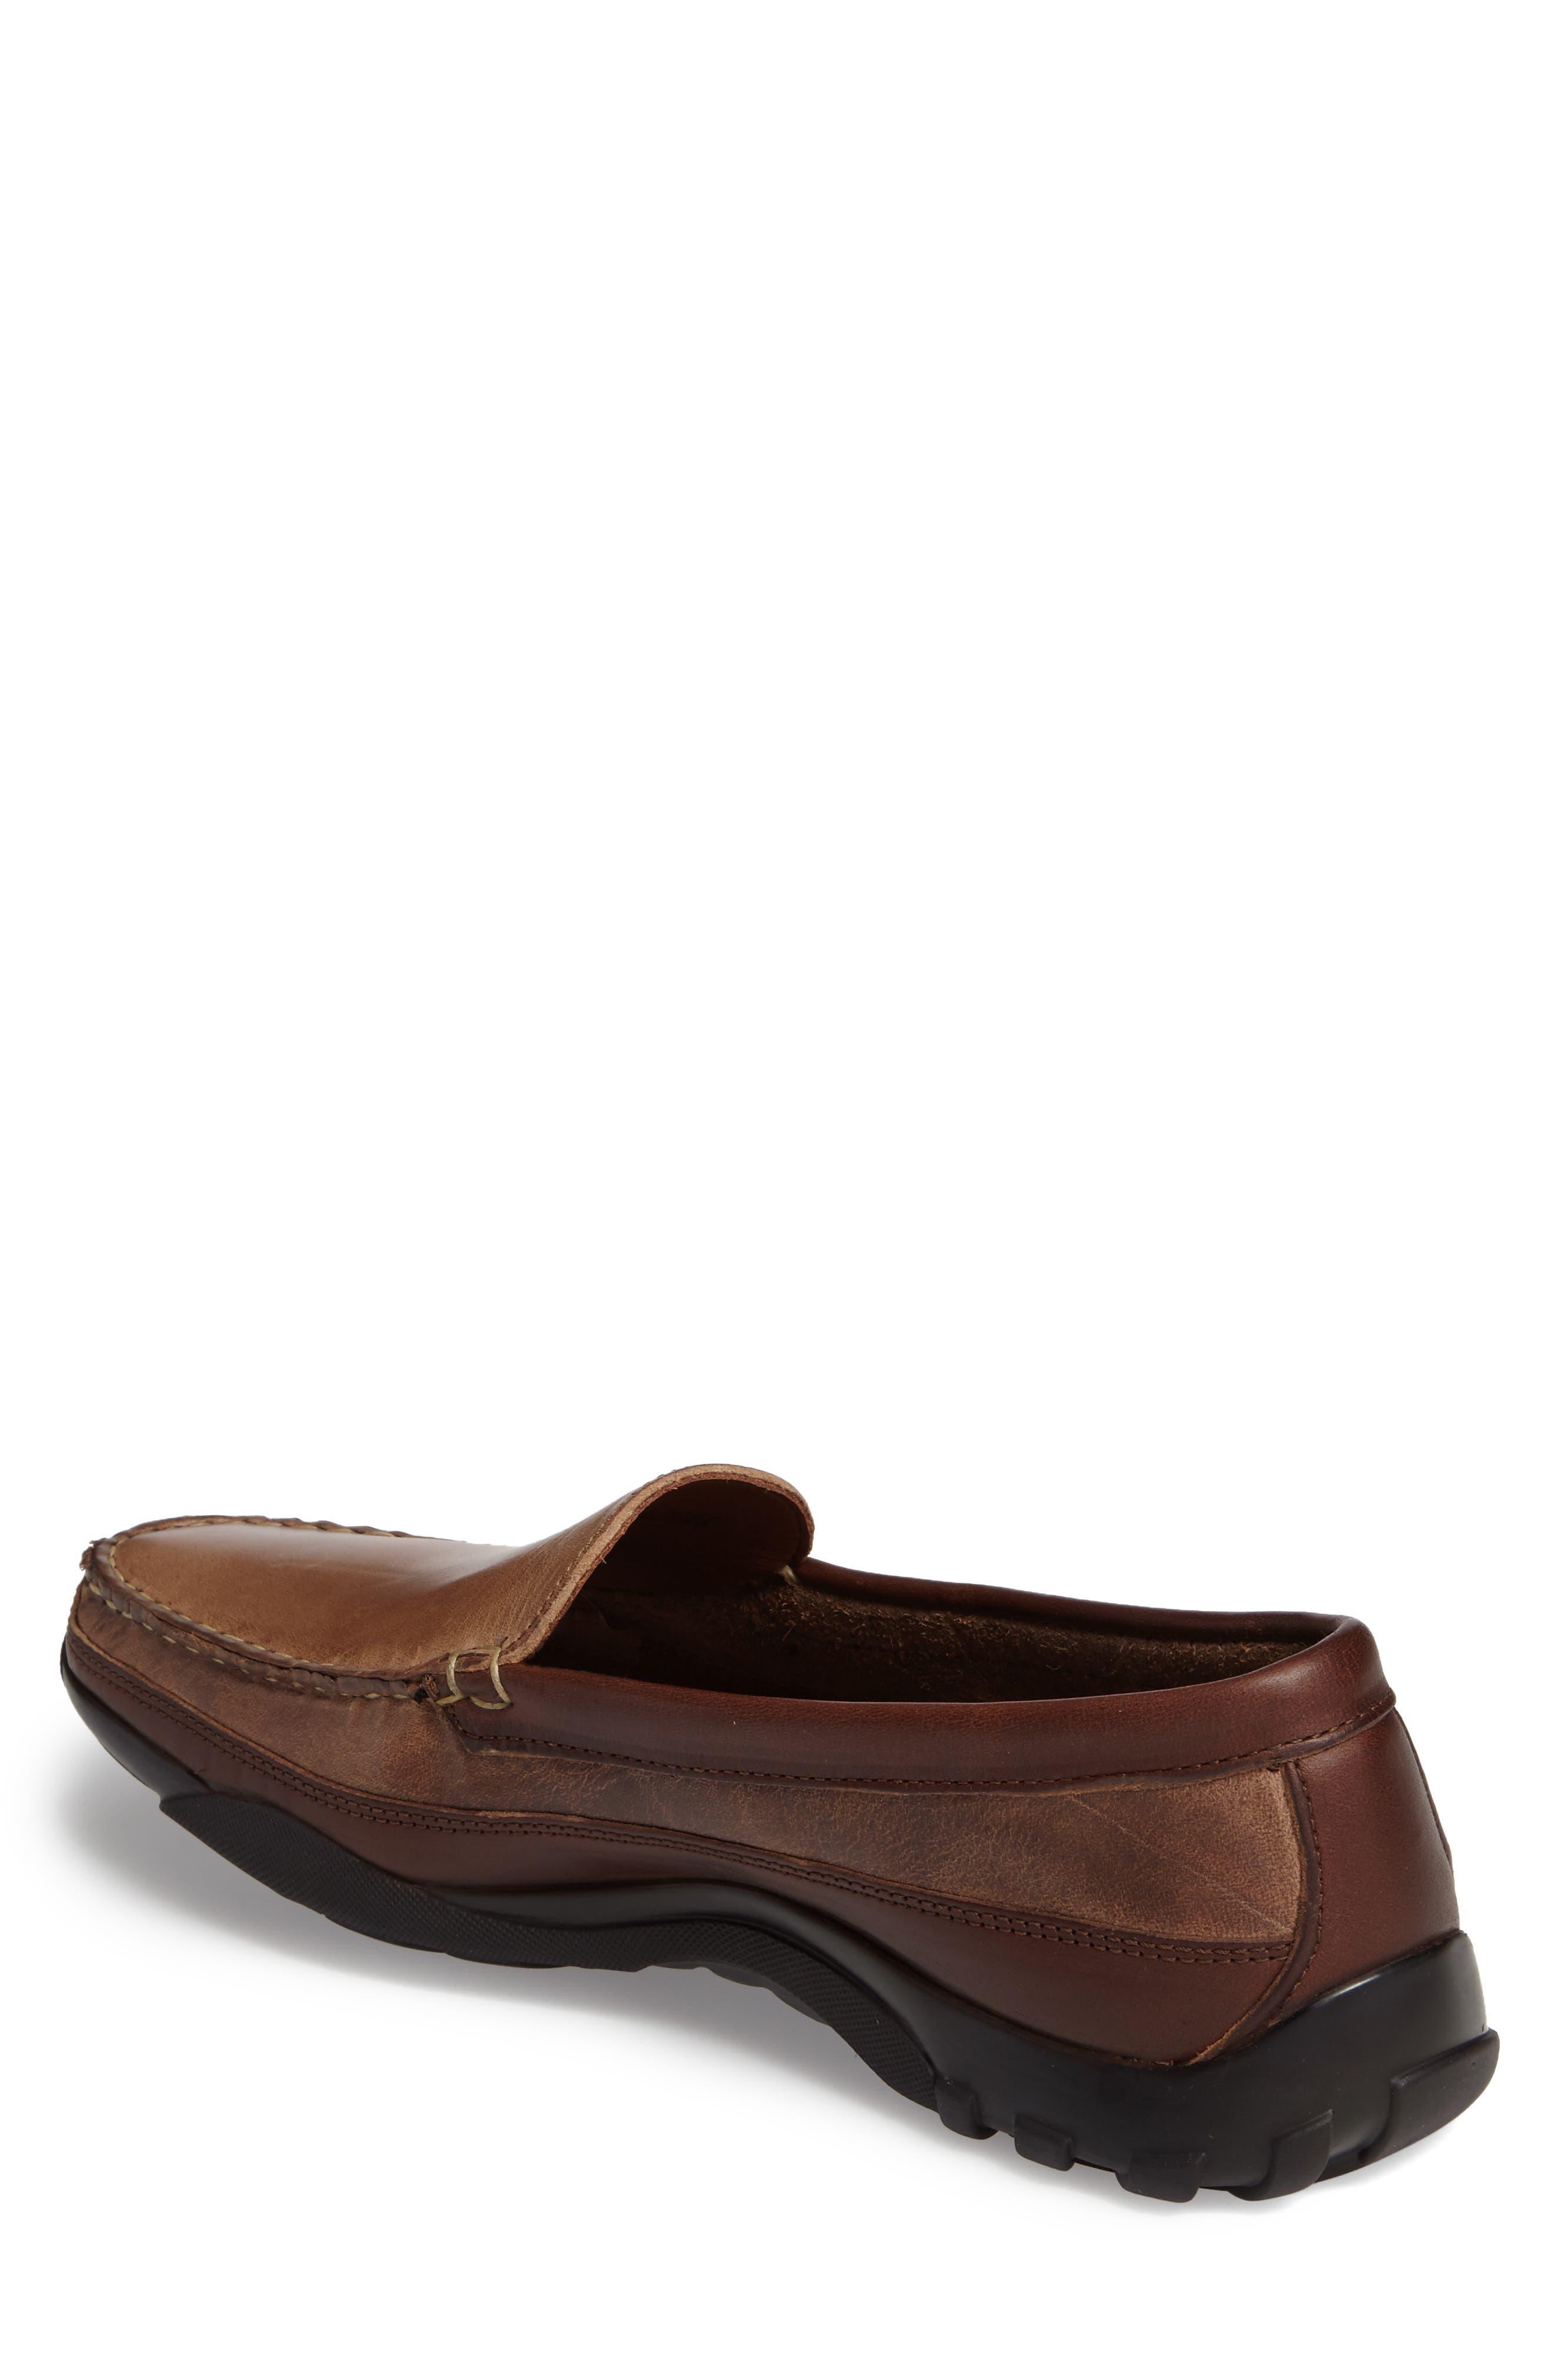 60a02e5f2cd Allen Edmonds Men s Shoes